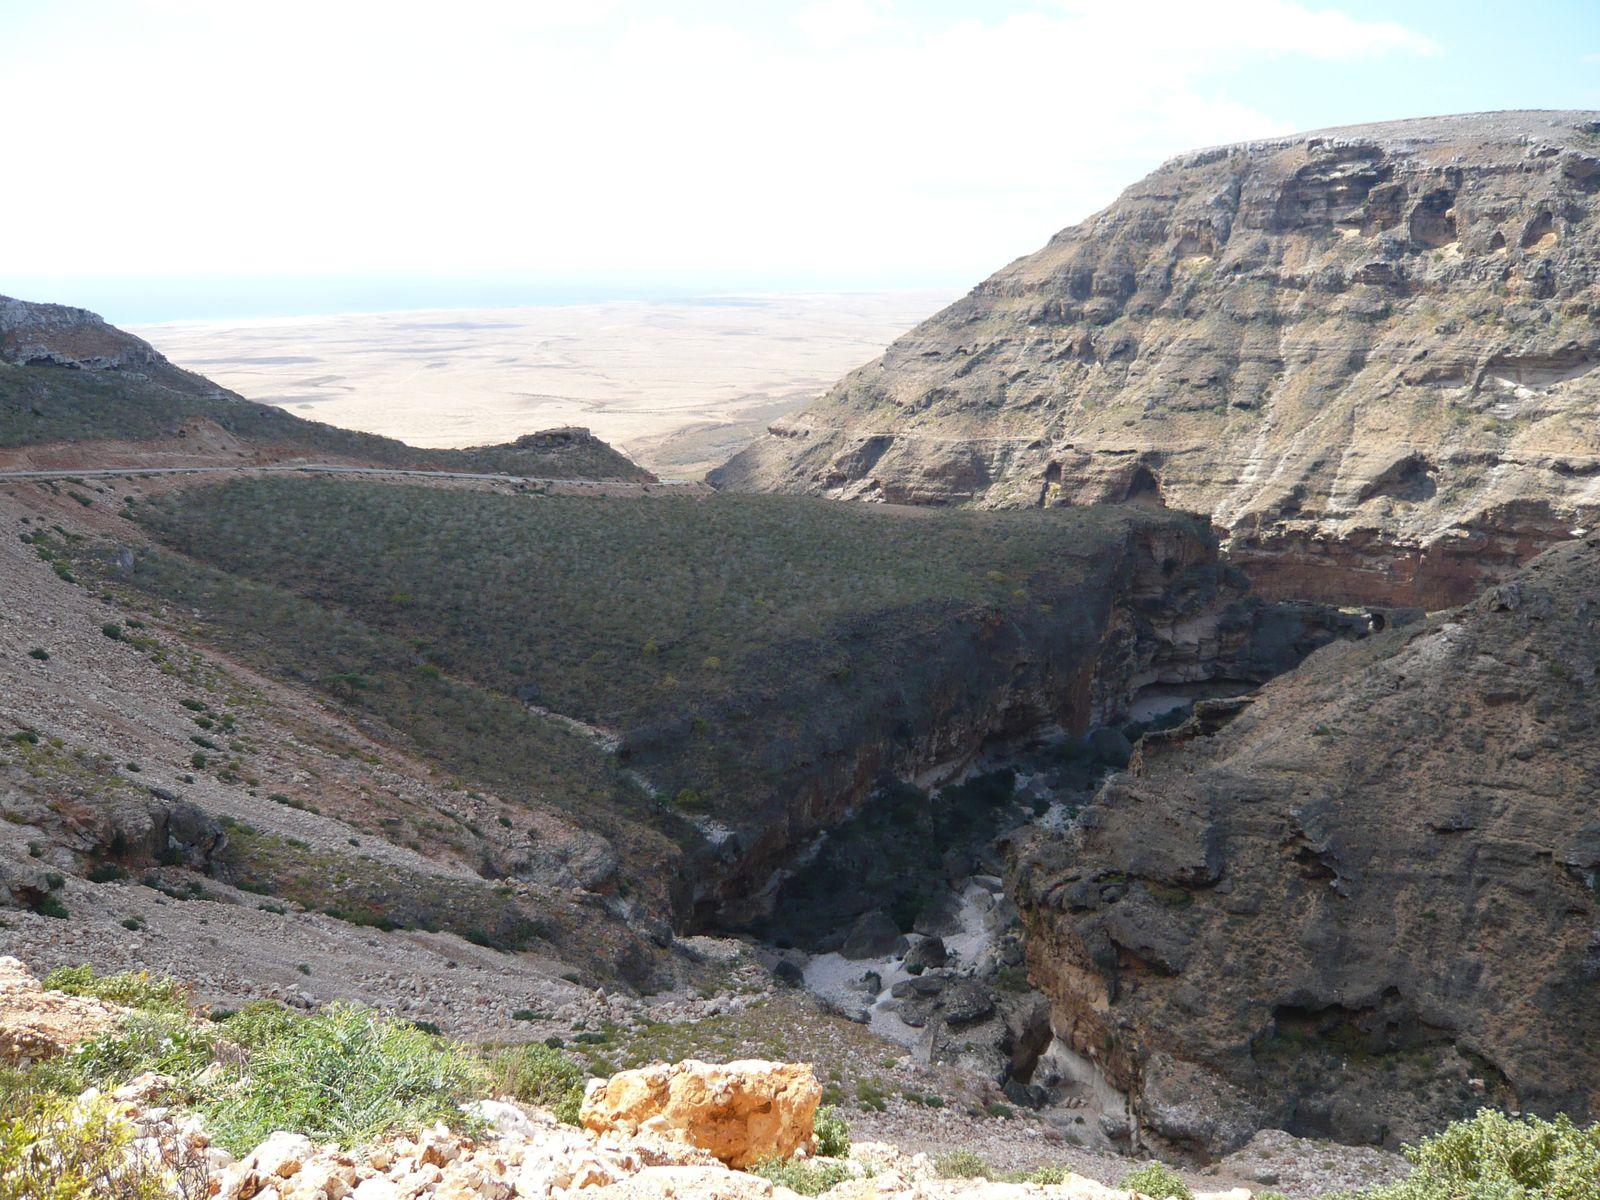 100 km de long sur 4 kms au plus large pour cette plaine désertique pleine de secrets insoupçonnés.